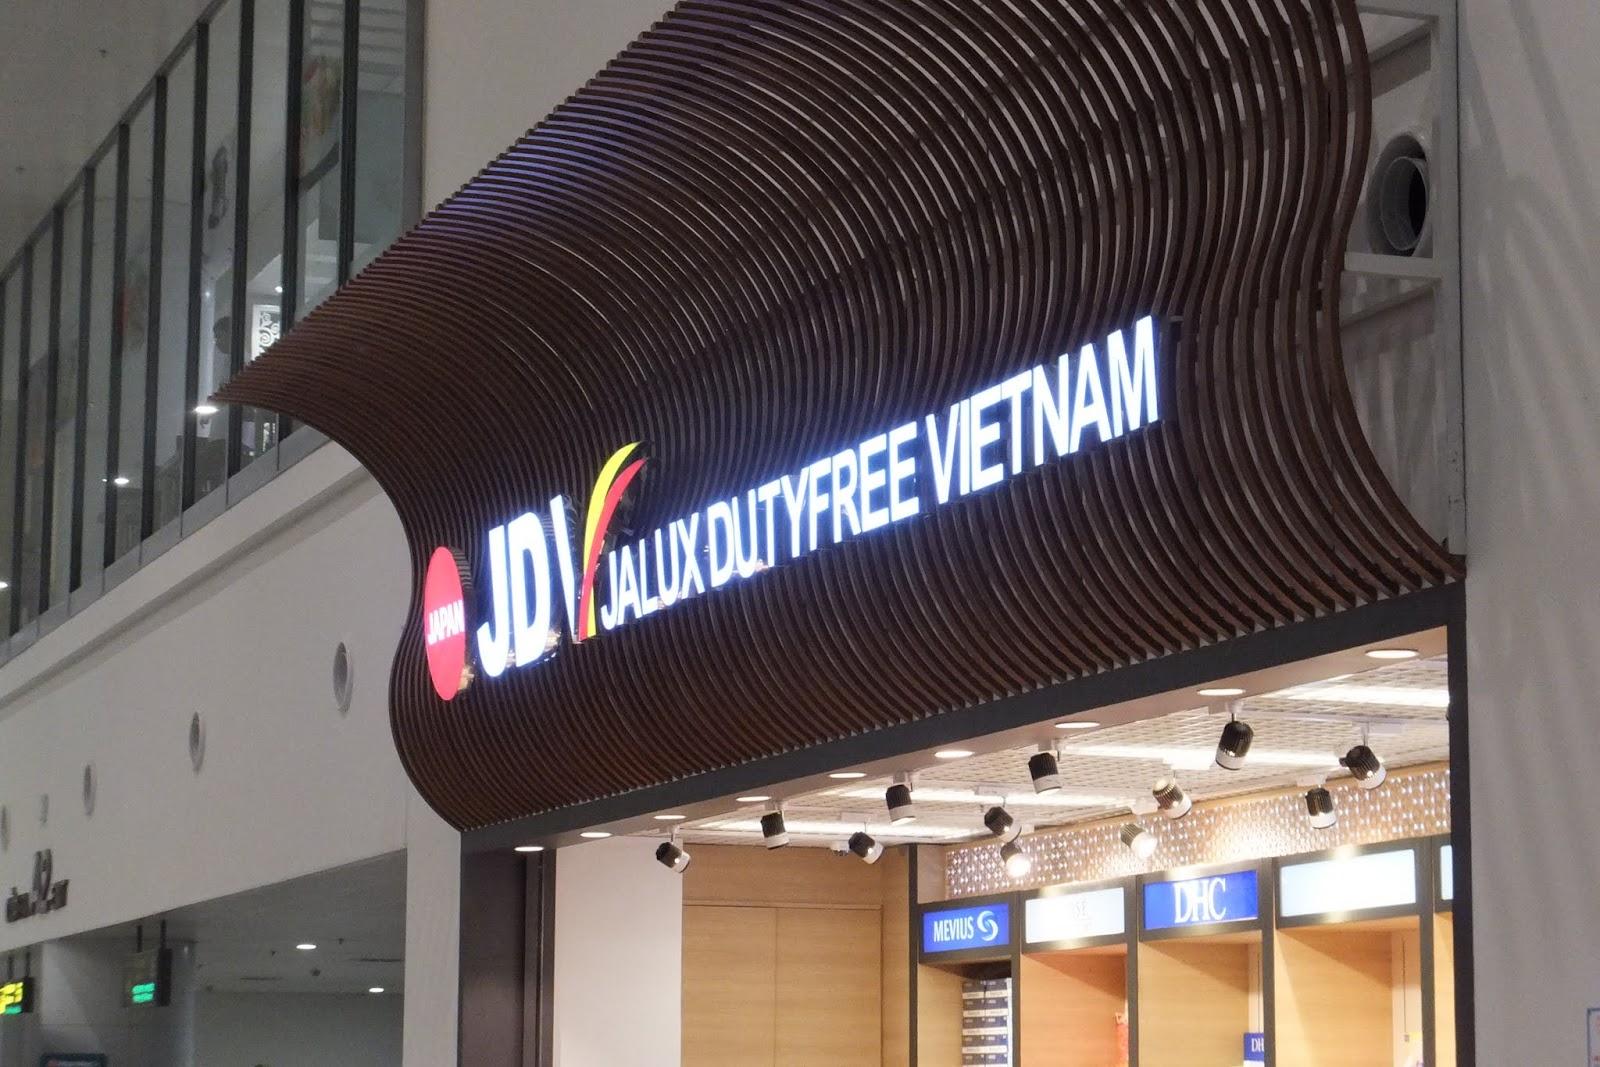 jalux-dutyfree-vietnam